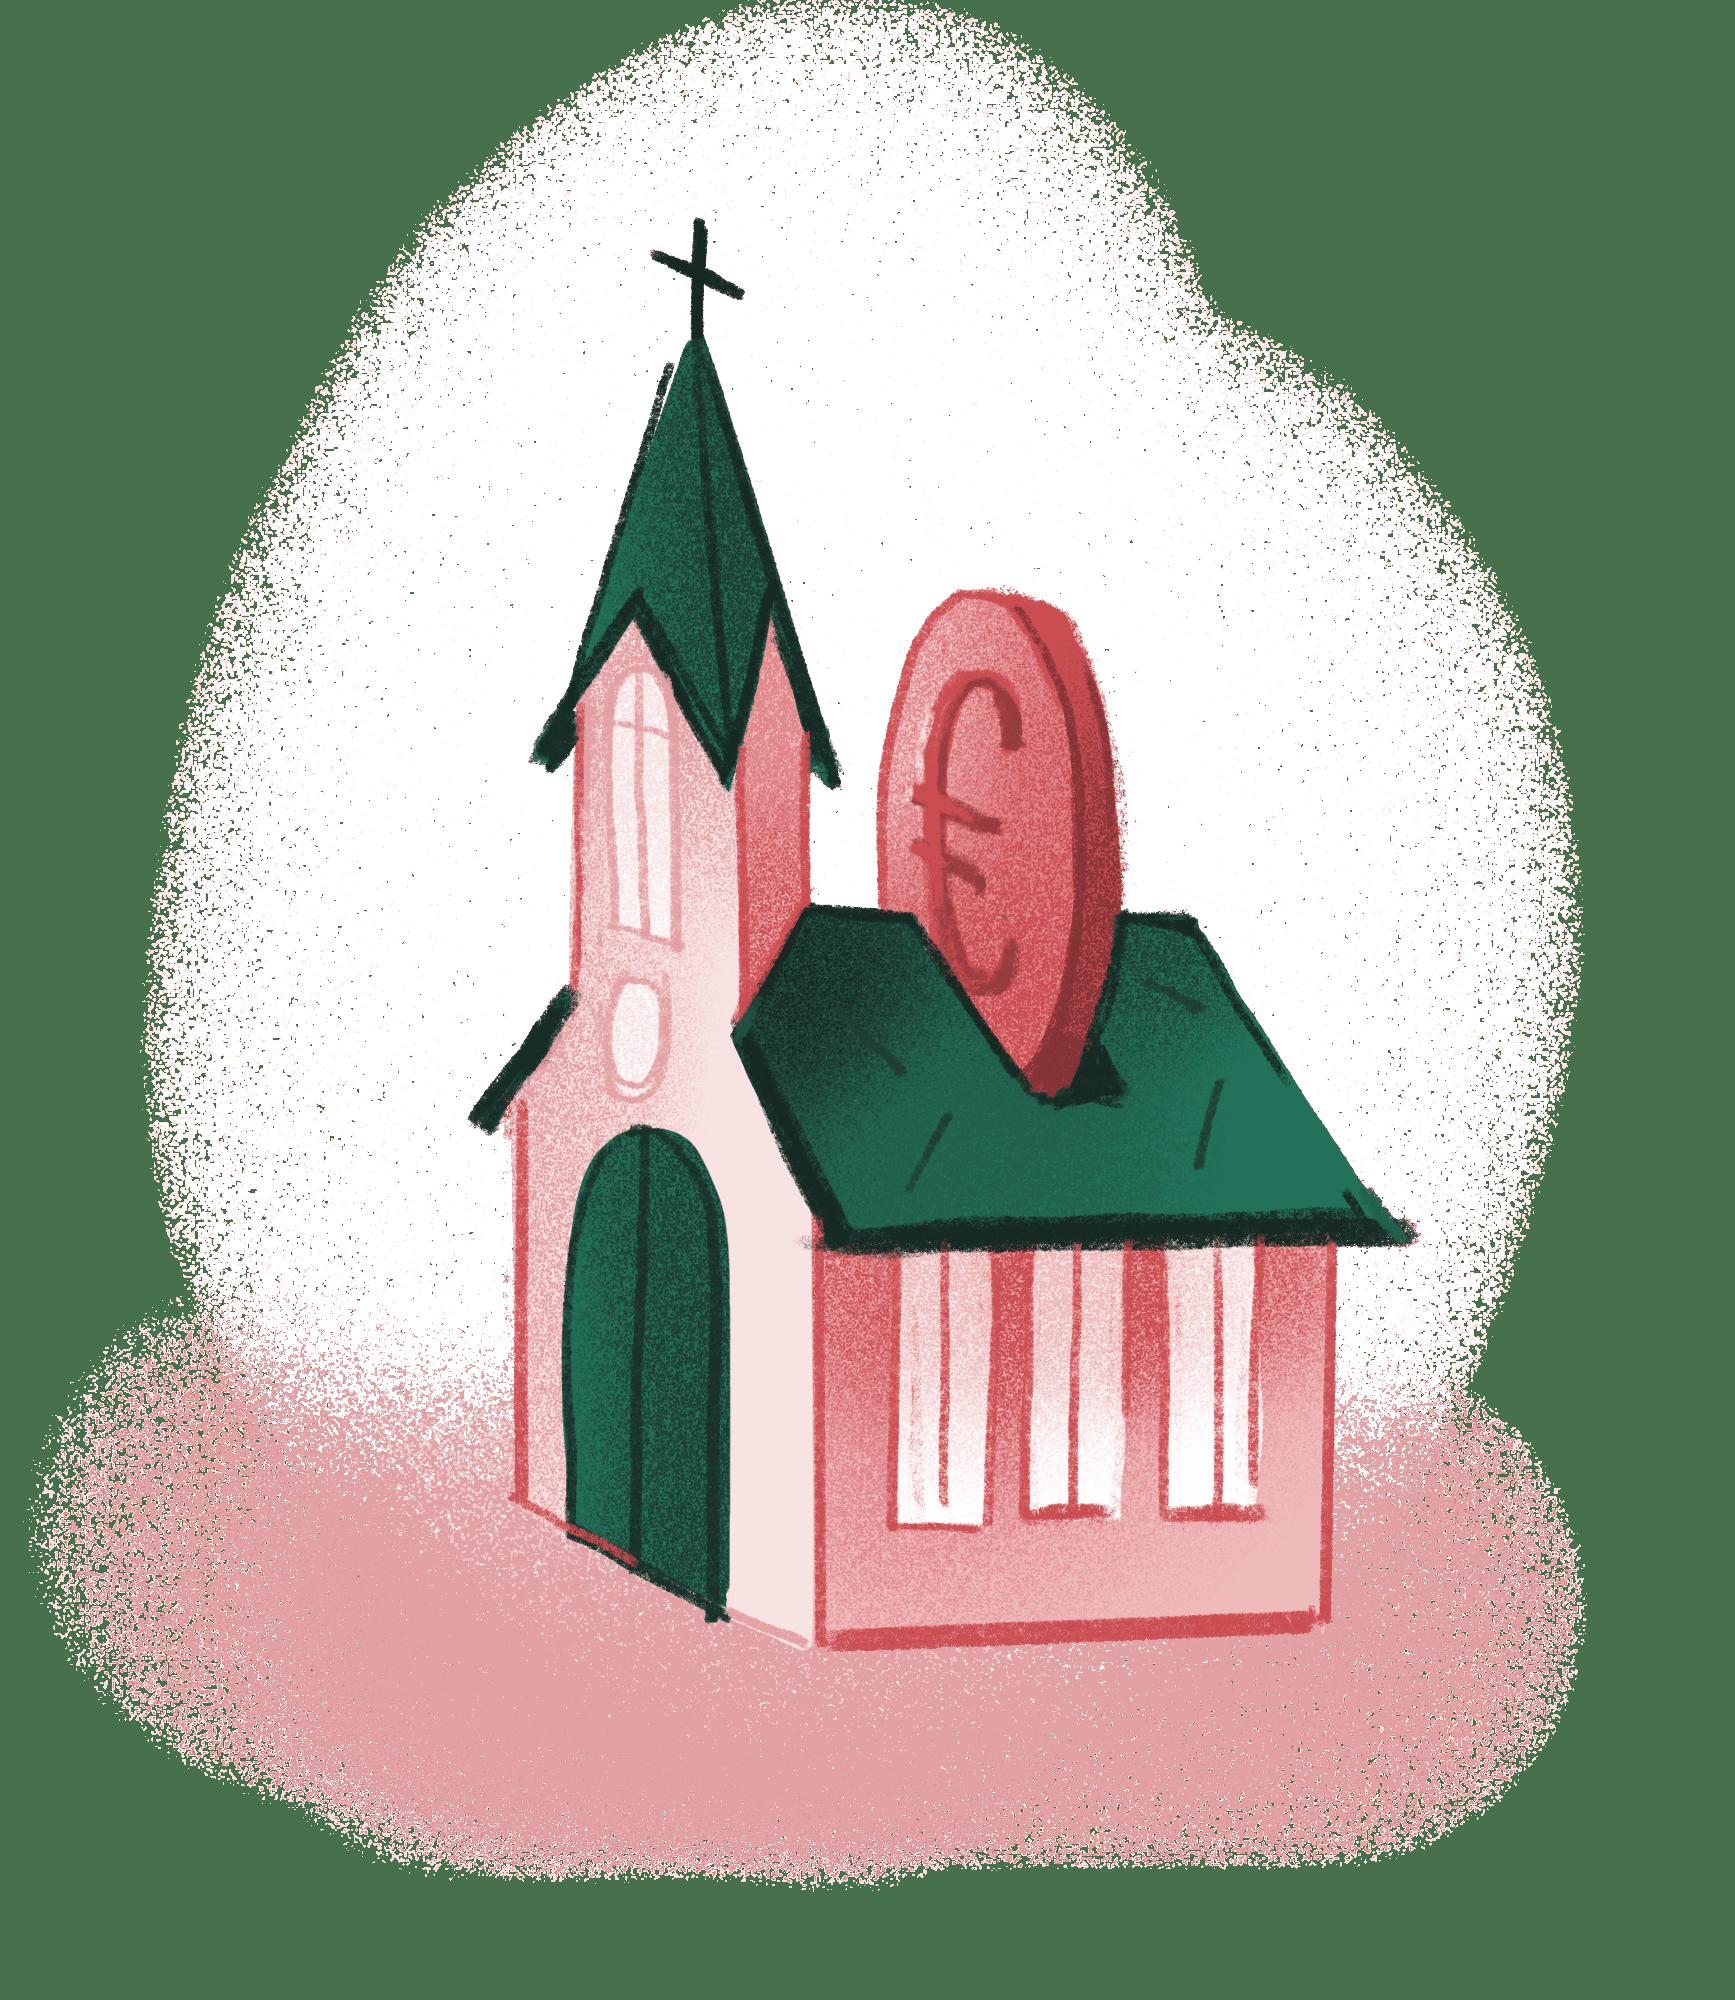 Kirchensteuer Ehefrau Ohne Einkommen